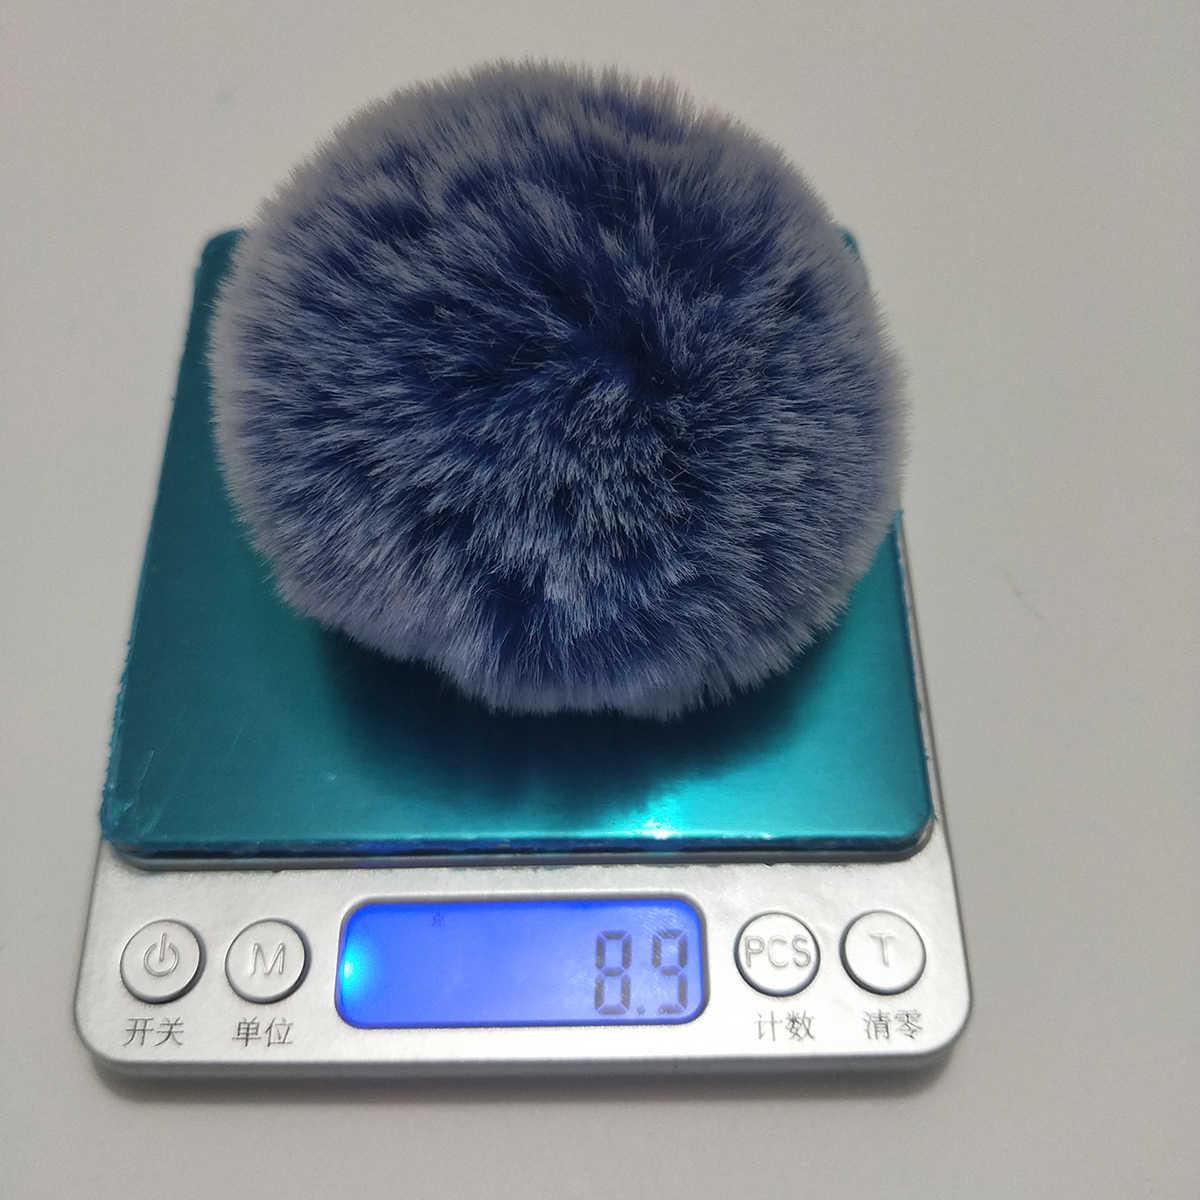 Mulheres Bolsa Charme 8 cm Pele Pom Pom Bola com Elástico Imitação De Pele Pompom Acessórios Keychain Llaveros Casal Cores Gradiente